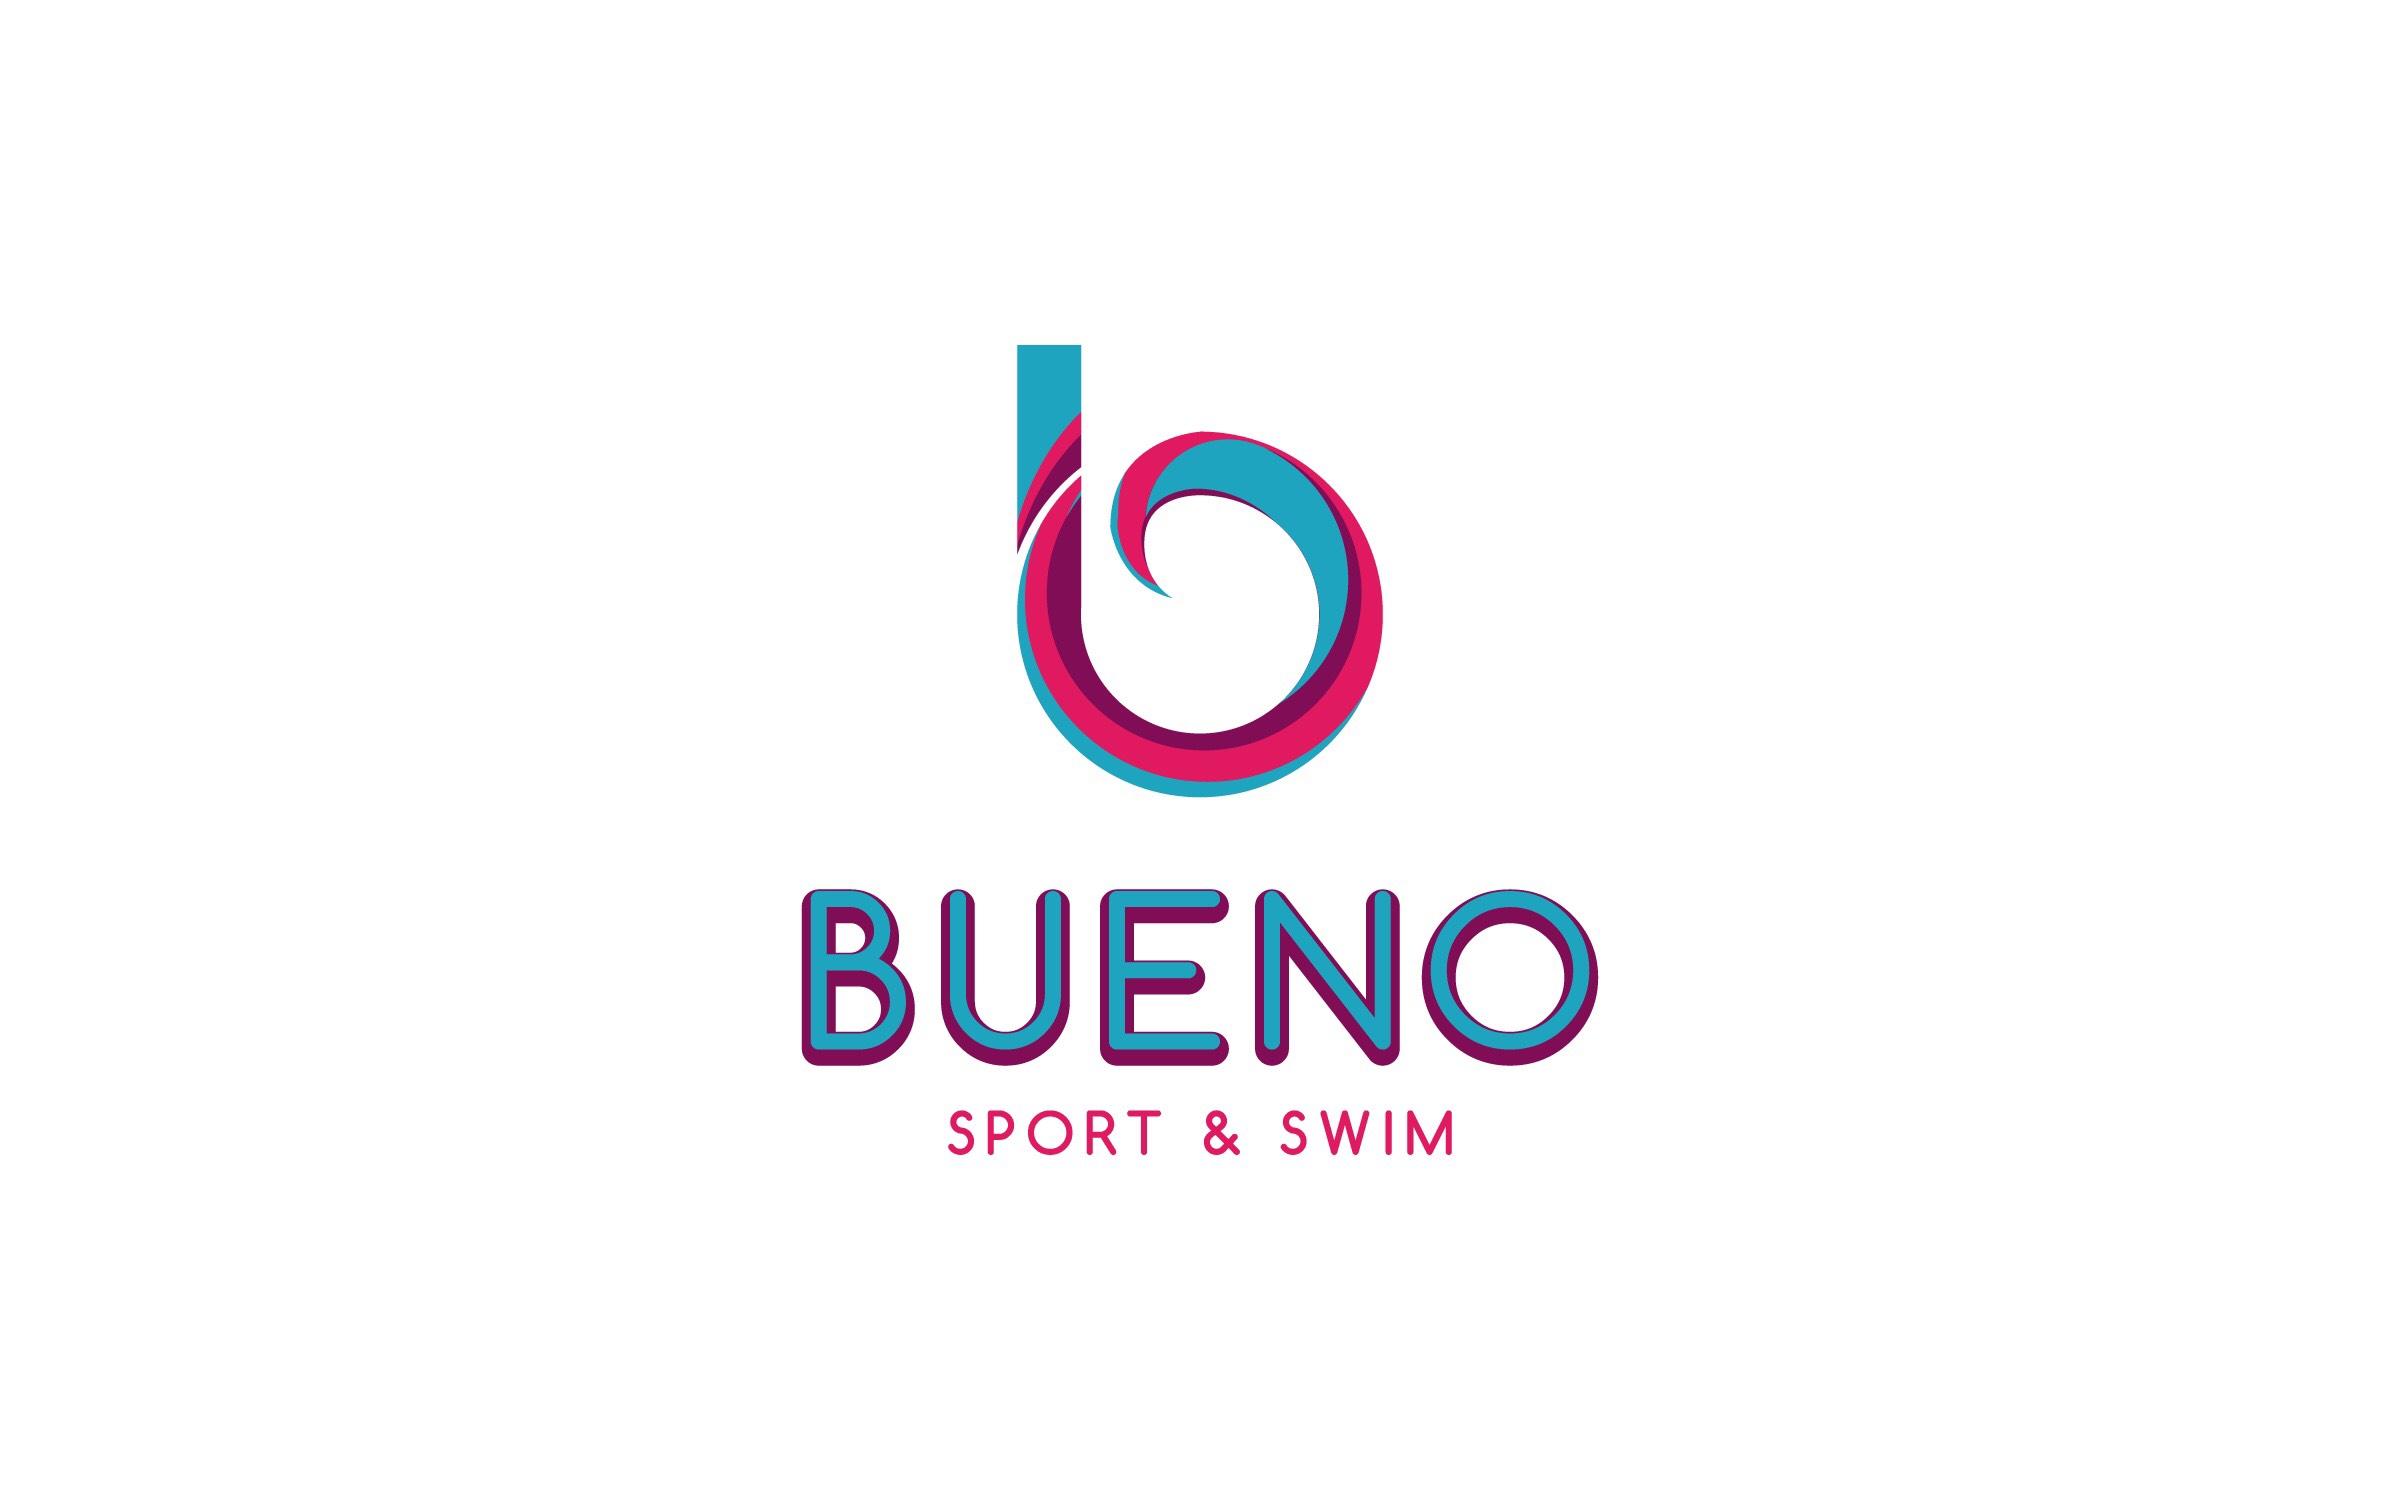 Bueno Sport & Swim